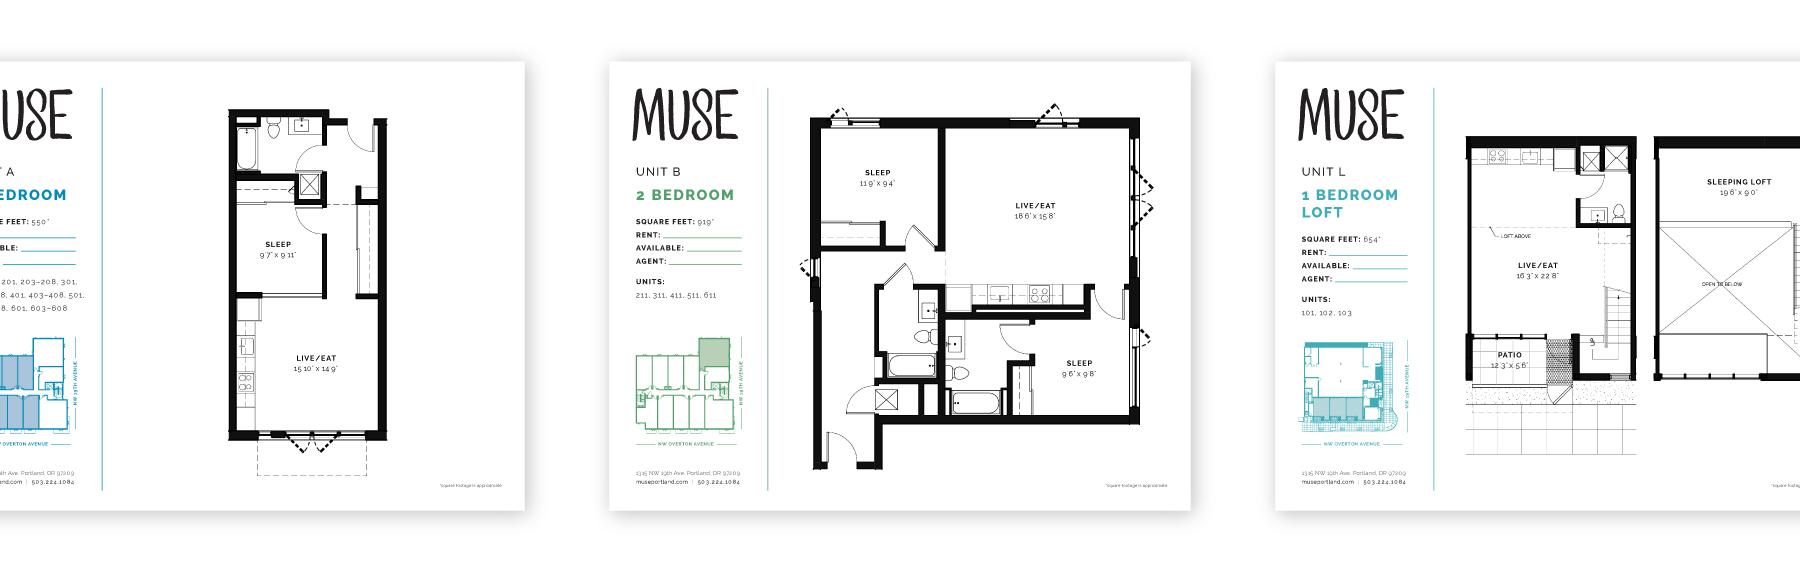 Muse-Floorplans-2.jpg